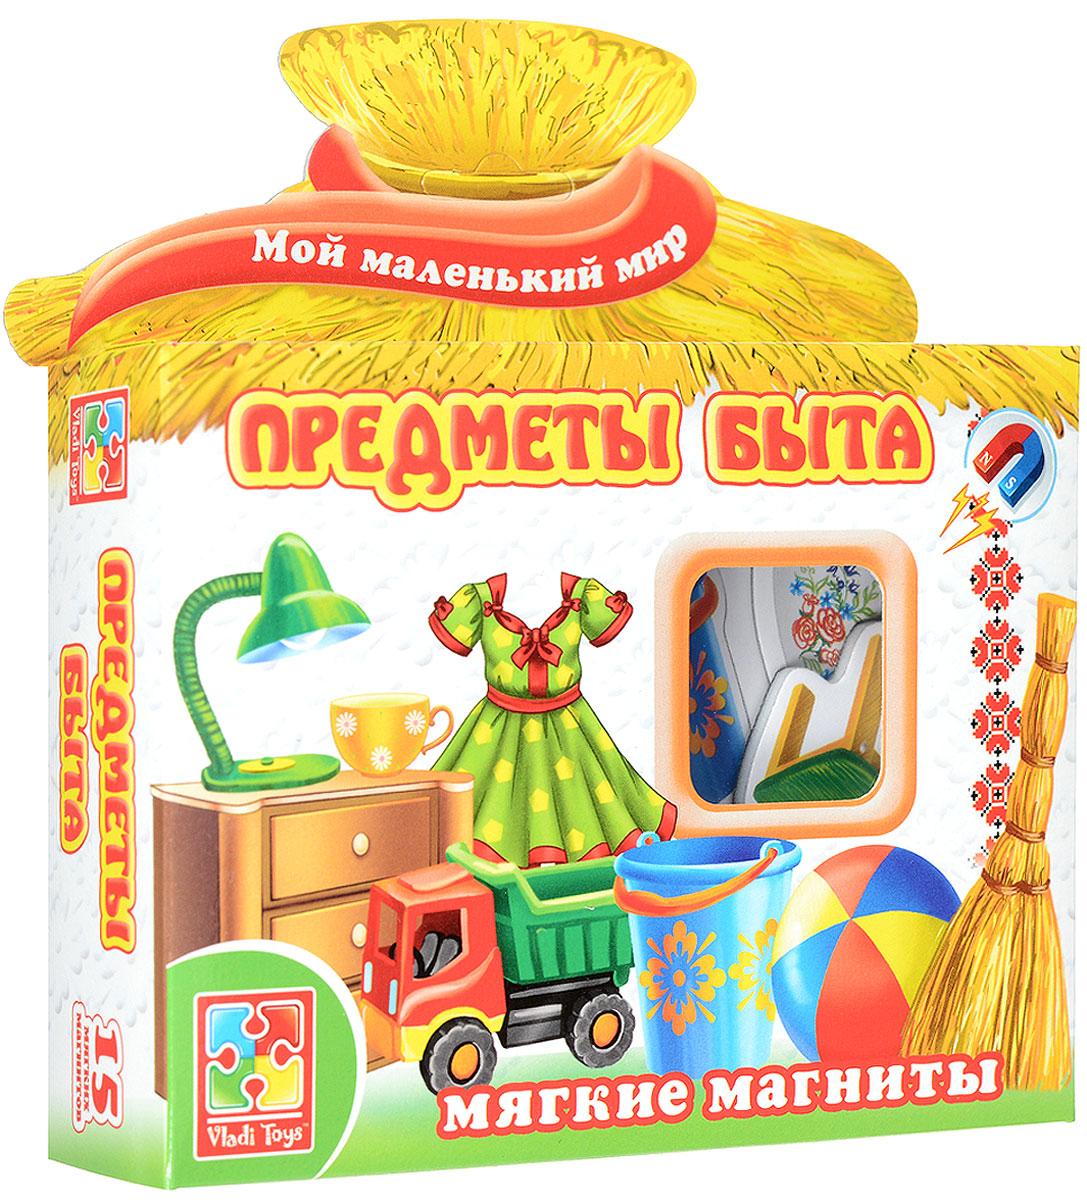 Vladi Toys Развивающая игра Предметы бытаVT3101-09С развивающей магнитной игрой Vladi Toys Предметы быта ваш малыш расширит свои познания об окружающем его мире, увеличит свой словарный запас, сможет весело и познавательно проводить время. Игра познакомит малыша с различными домашними животными. С фигурными магнитиками можно играть на специальном магнитном планшете или просто на любой ровной металлической поверхности. В рекомендациях предлагается несколько вариантов игр. Обучающая игра на магнитах Vladi Toys научит ребенка соотносить название объекта с его изображением. В наборе 15 мягких магнитов толщиной 3 мм.